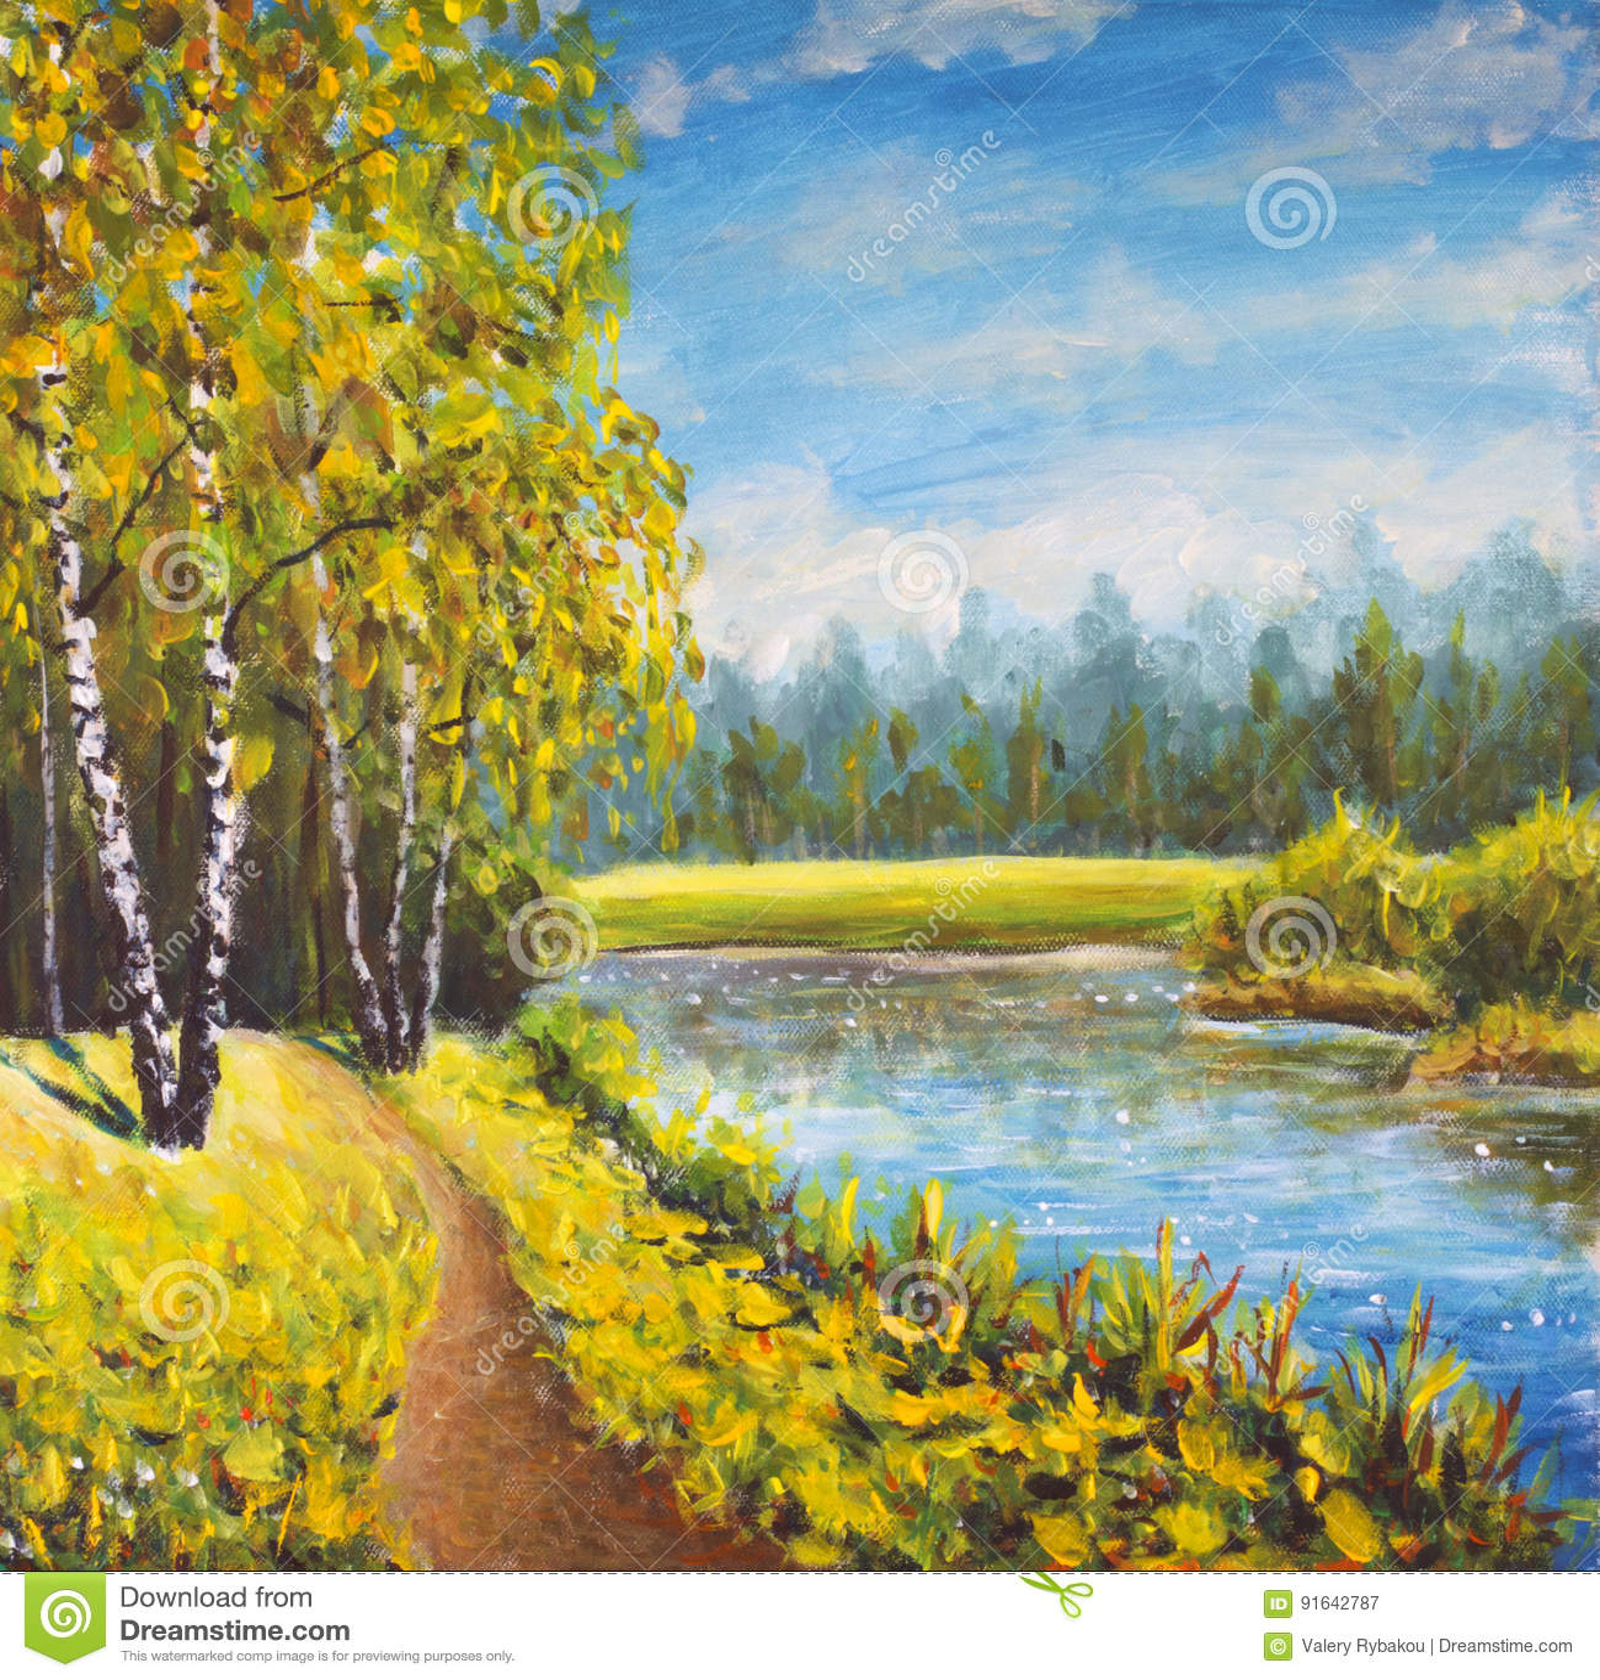 Paysage Original Dété De Peinture à Lhuile Nature Ensoleillée Sur